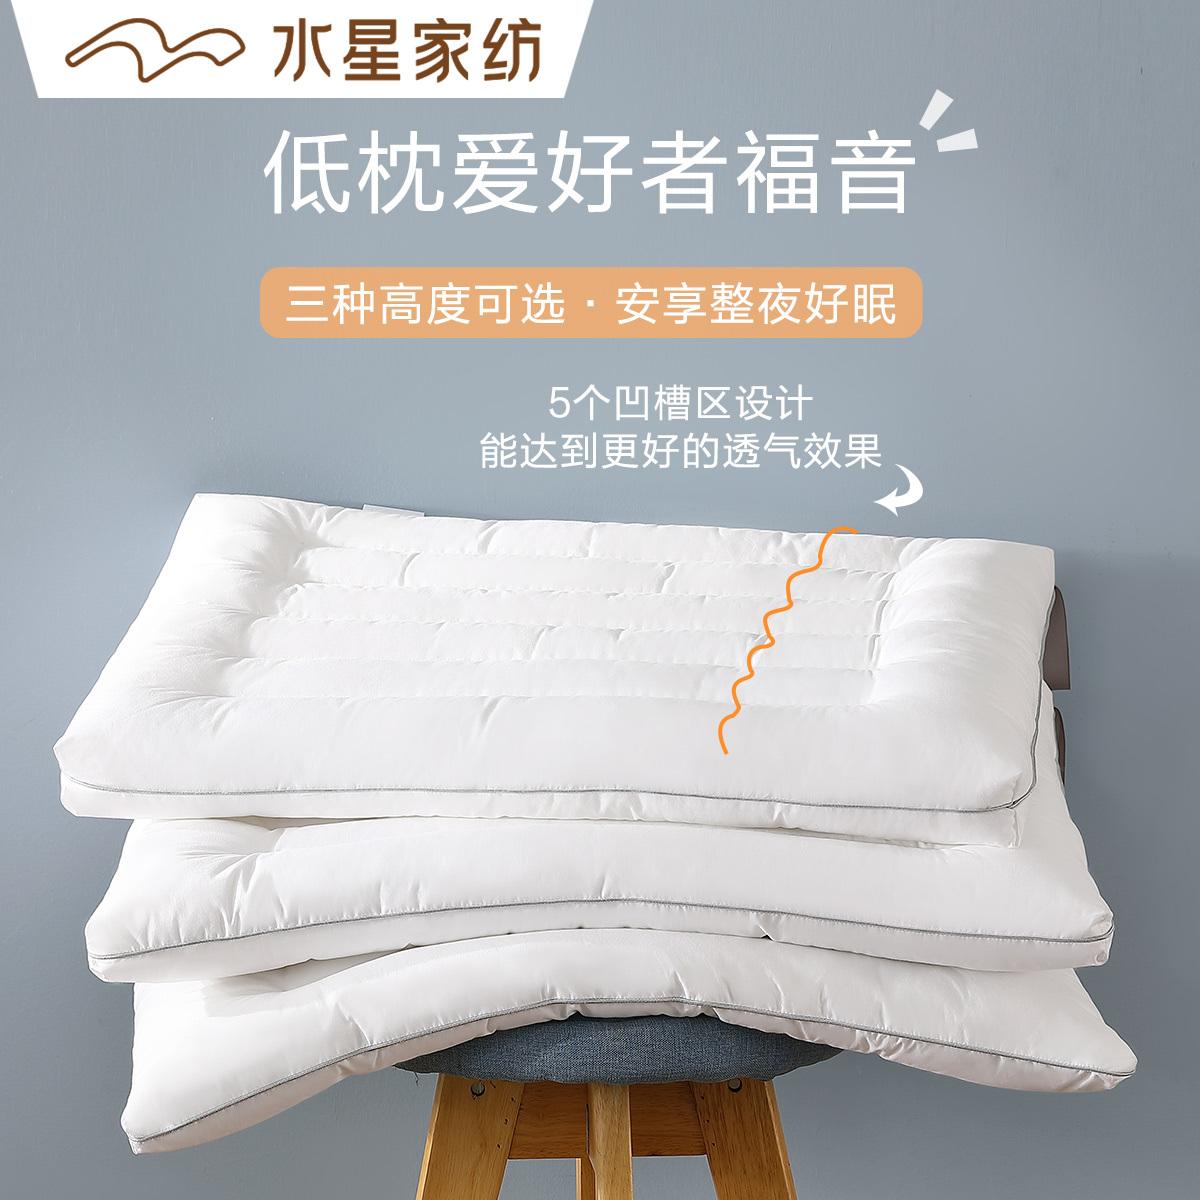 水星家纺梦韵抗菌低枕可水洗枕头家用单人护颈枕芯一只2020新品图片